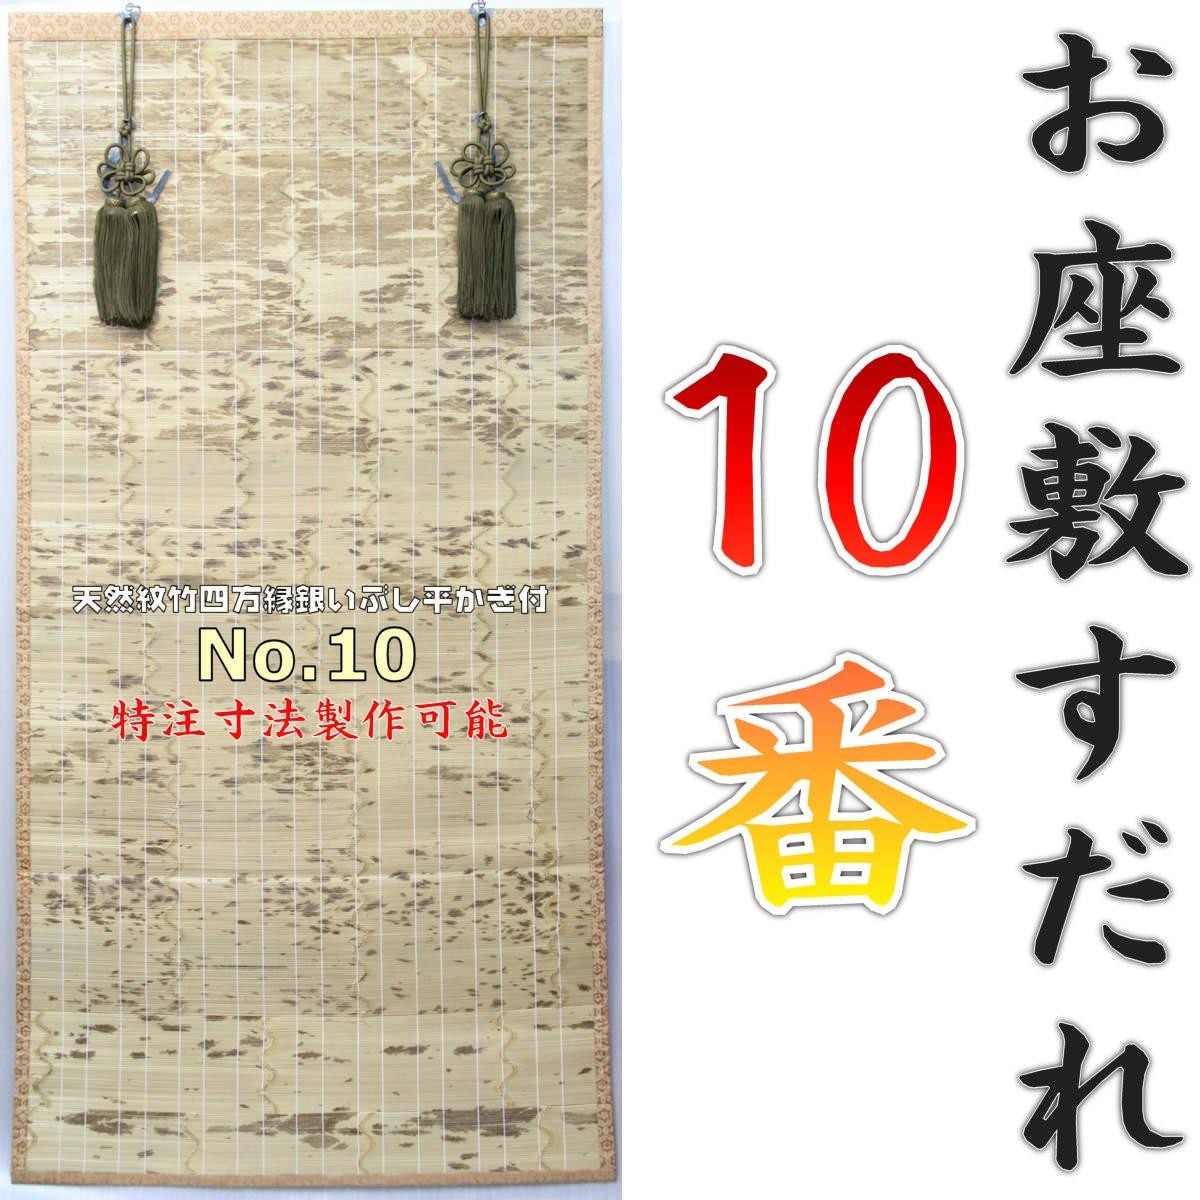 【座敷すだれ】 天然紋竹四方縁銀いぶし平かぎ付 No.10 サイズ約幅88cm長さ172cm 【御座敷簾】